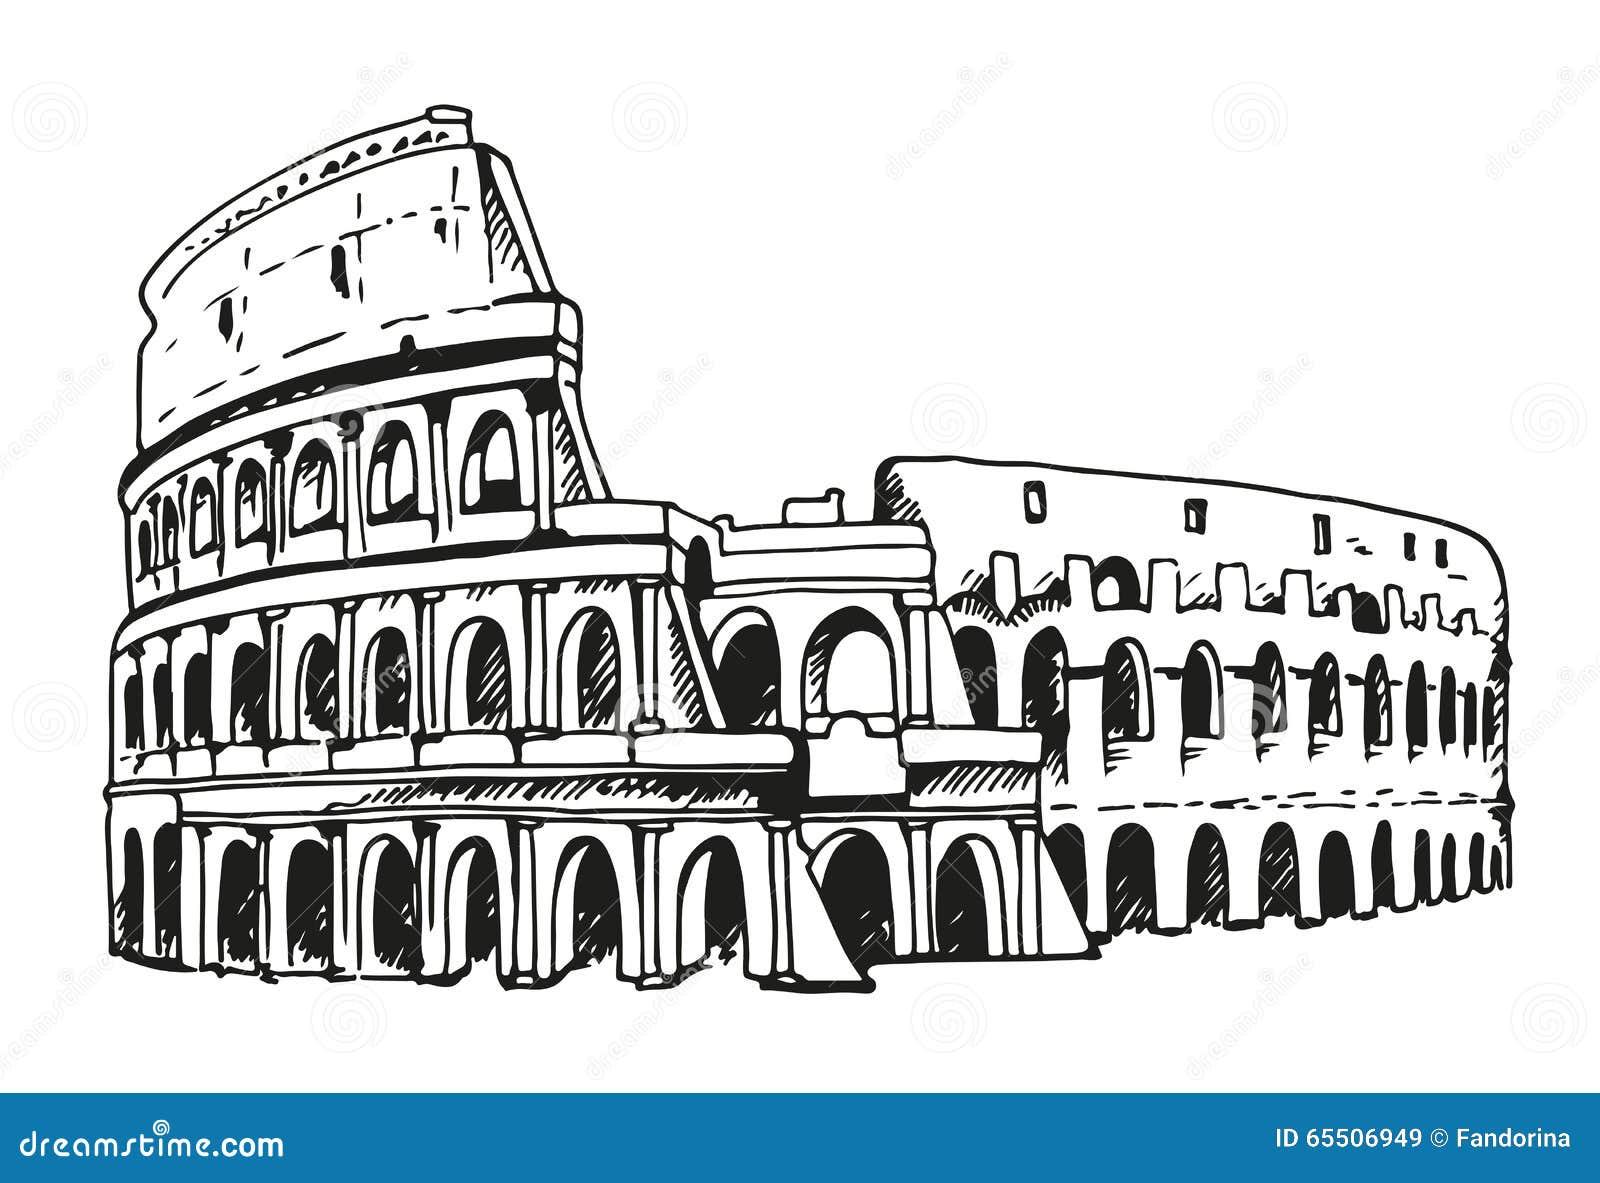 disegno del colosseo illustrazione di colosseum a roma